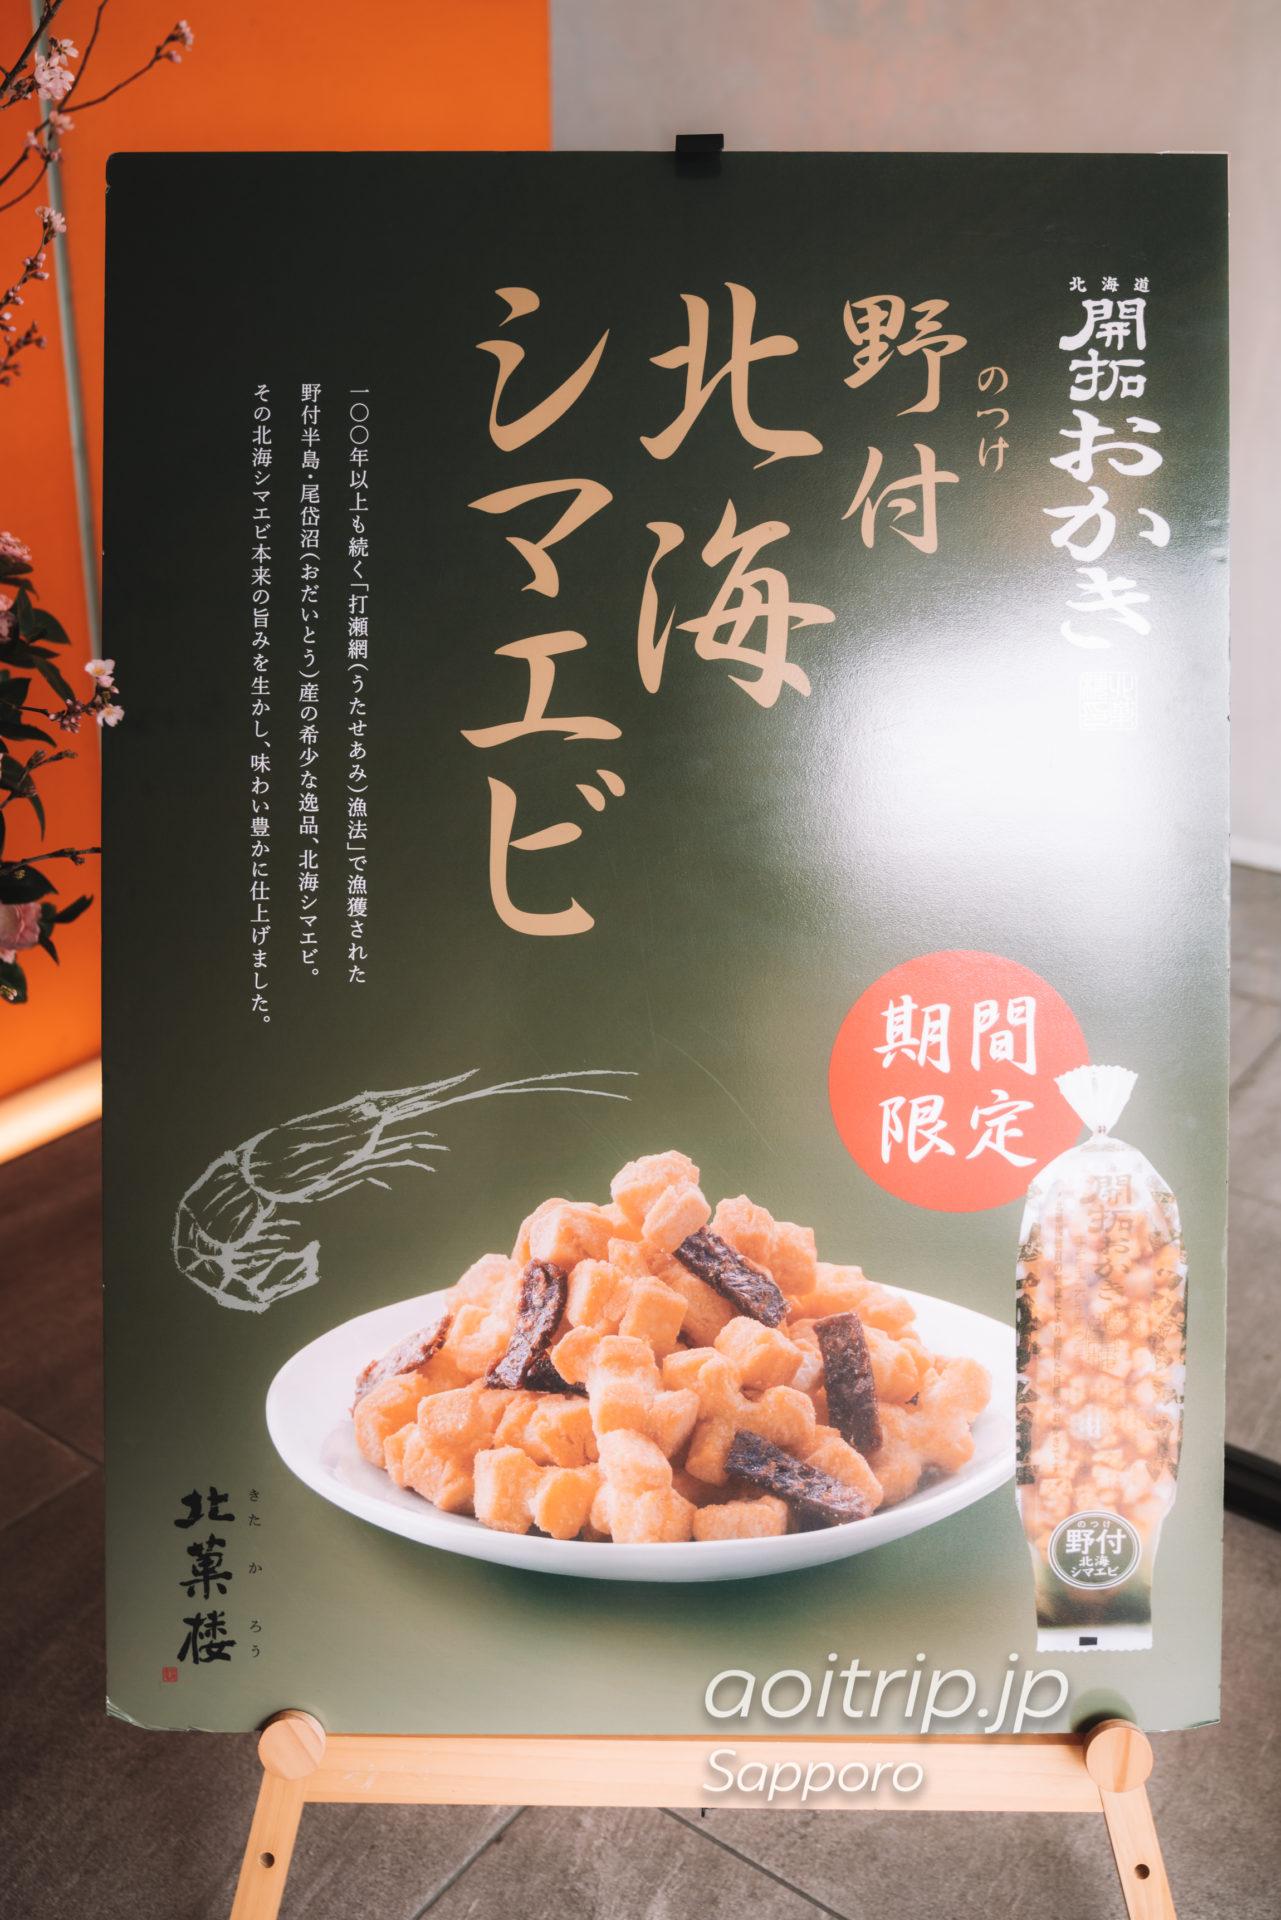 北菓楼 札幌本館|Kitakaro Sapporo Honkan 開拓おかき野付北海シマエビ